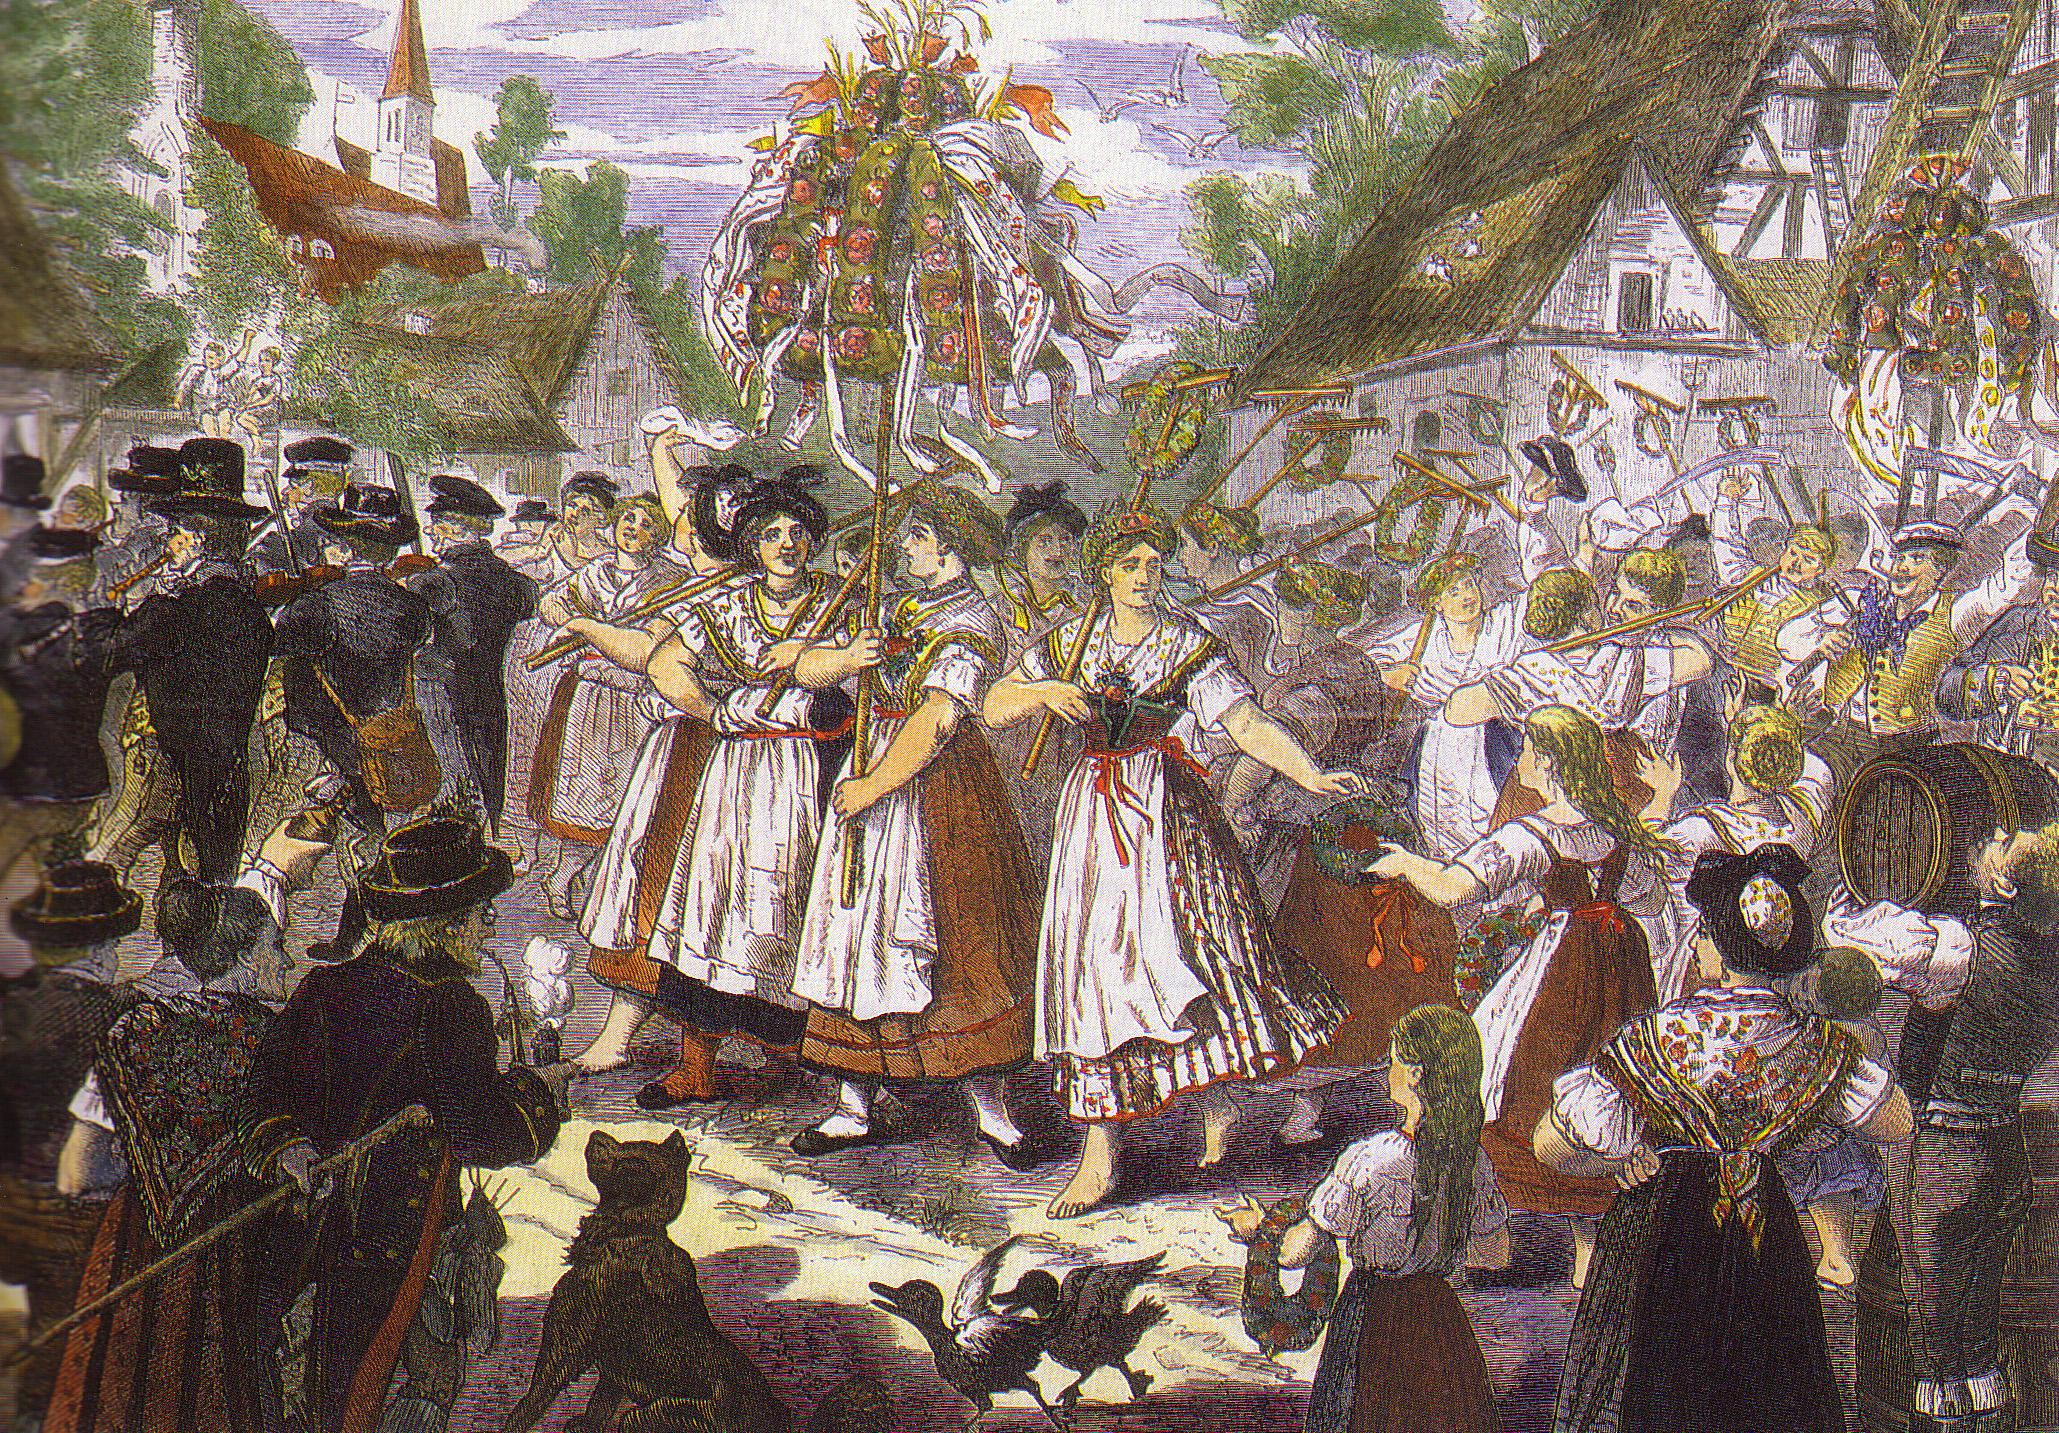 Painting of Czech Harvest Festival celebrants